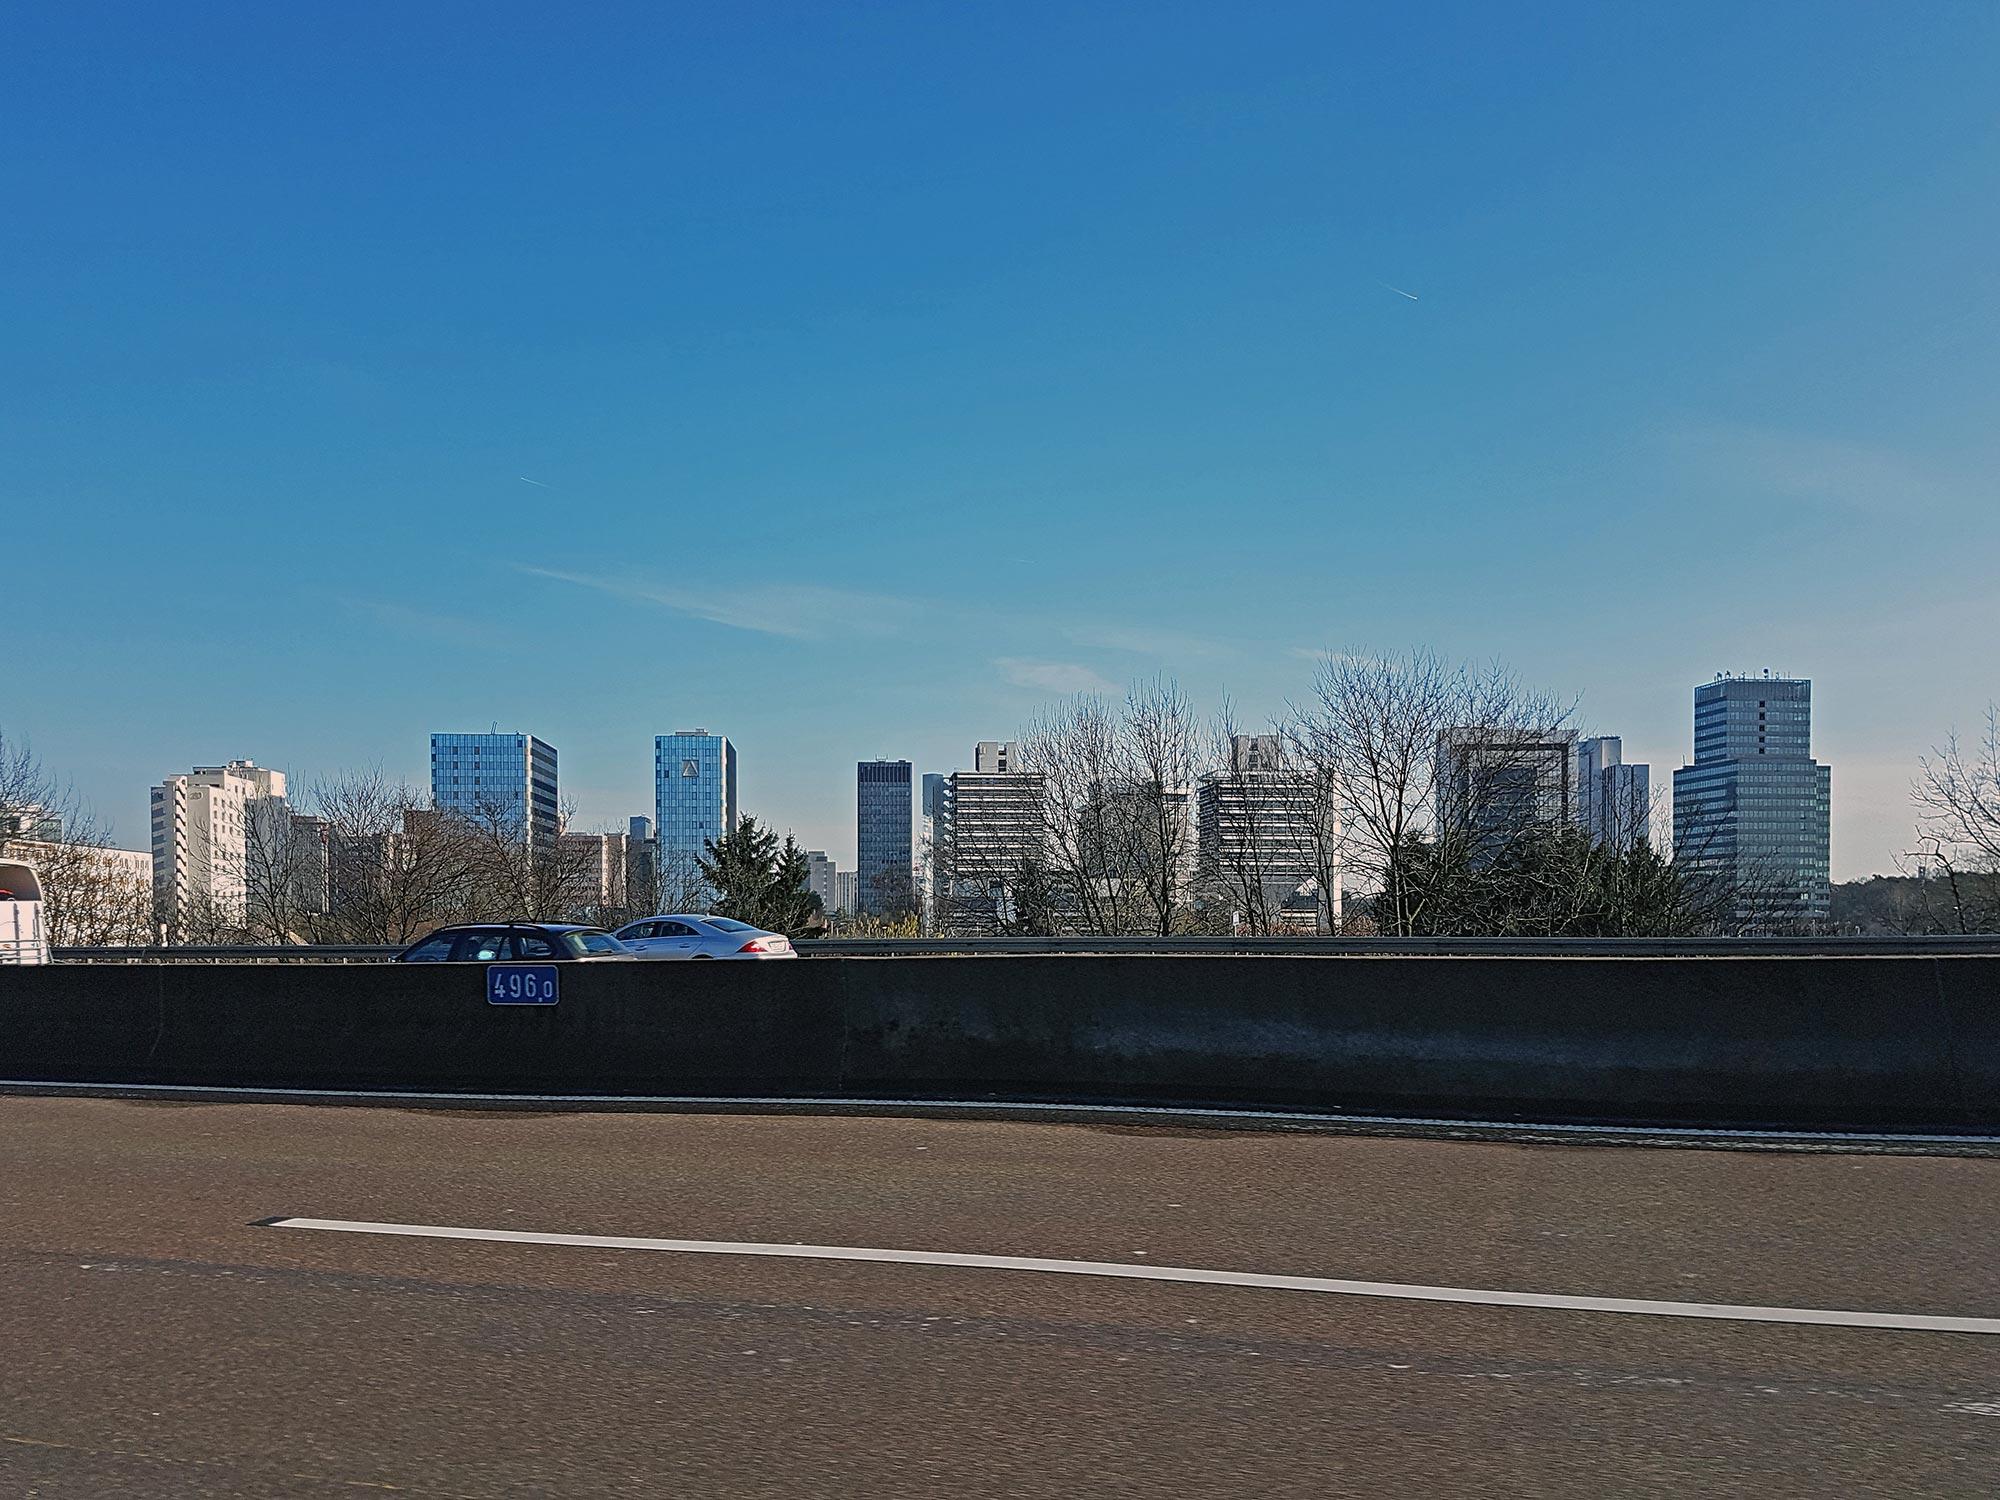 Bürostadt Frankfurt Niederrad - Skyline Lyoner Viertel von der A5 Autobahn aus gesehen - Skyline mit Hochhäusern